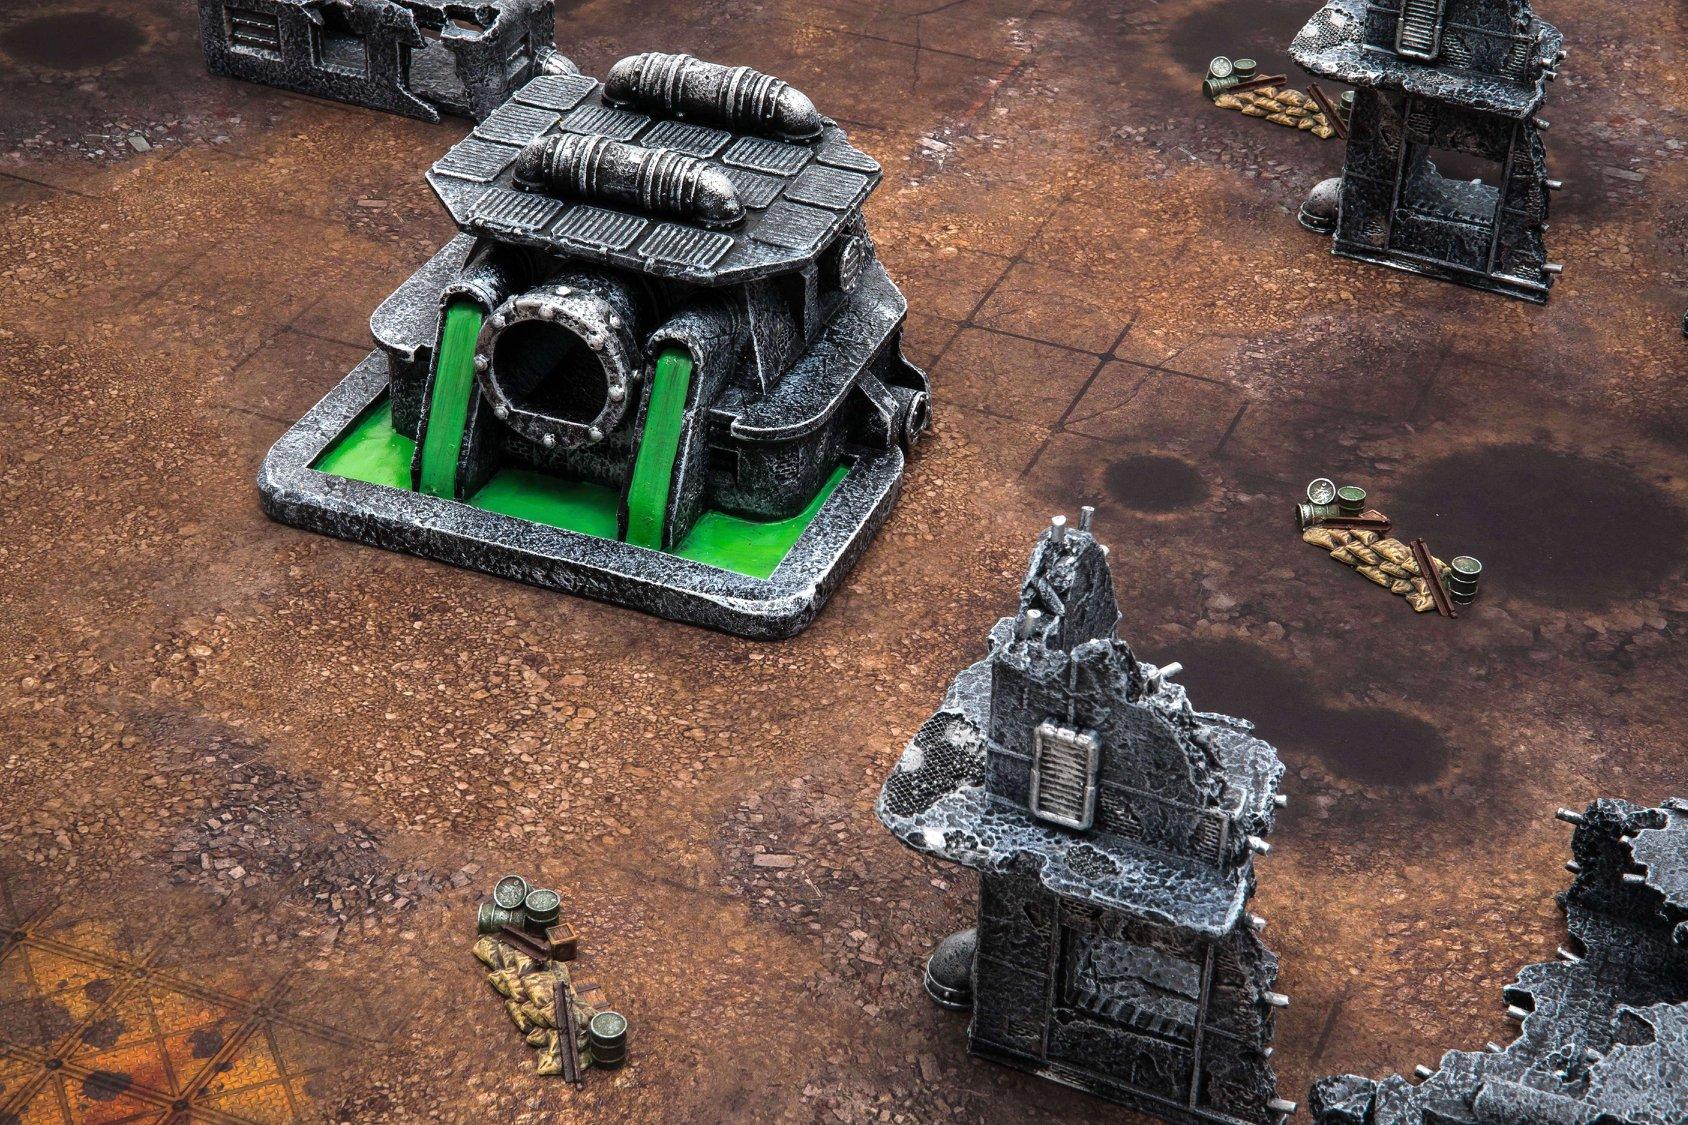 warhammer 40k terrain battlemat gamemat.eu